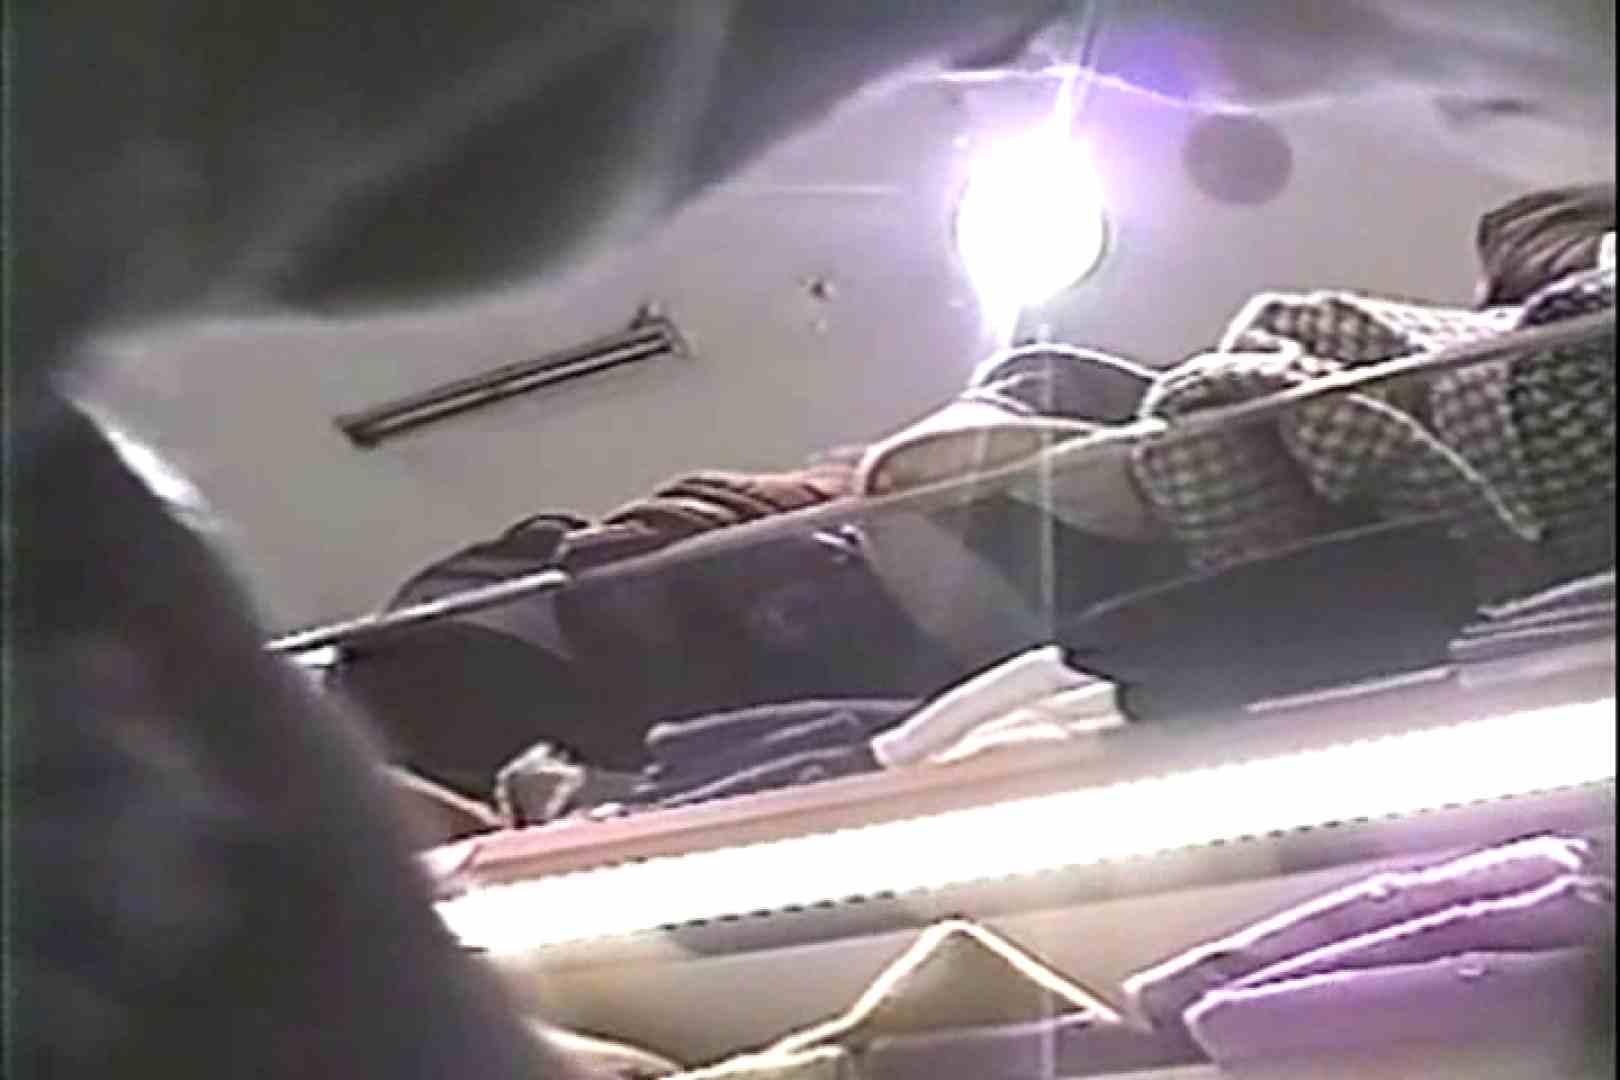 「ちくりん」さんのオリジナル未編集パンチラVol.3_02 パンチラのぞき ぱこり動画紹介 87画像 67